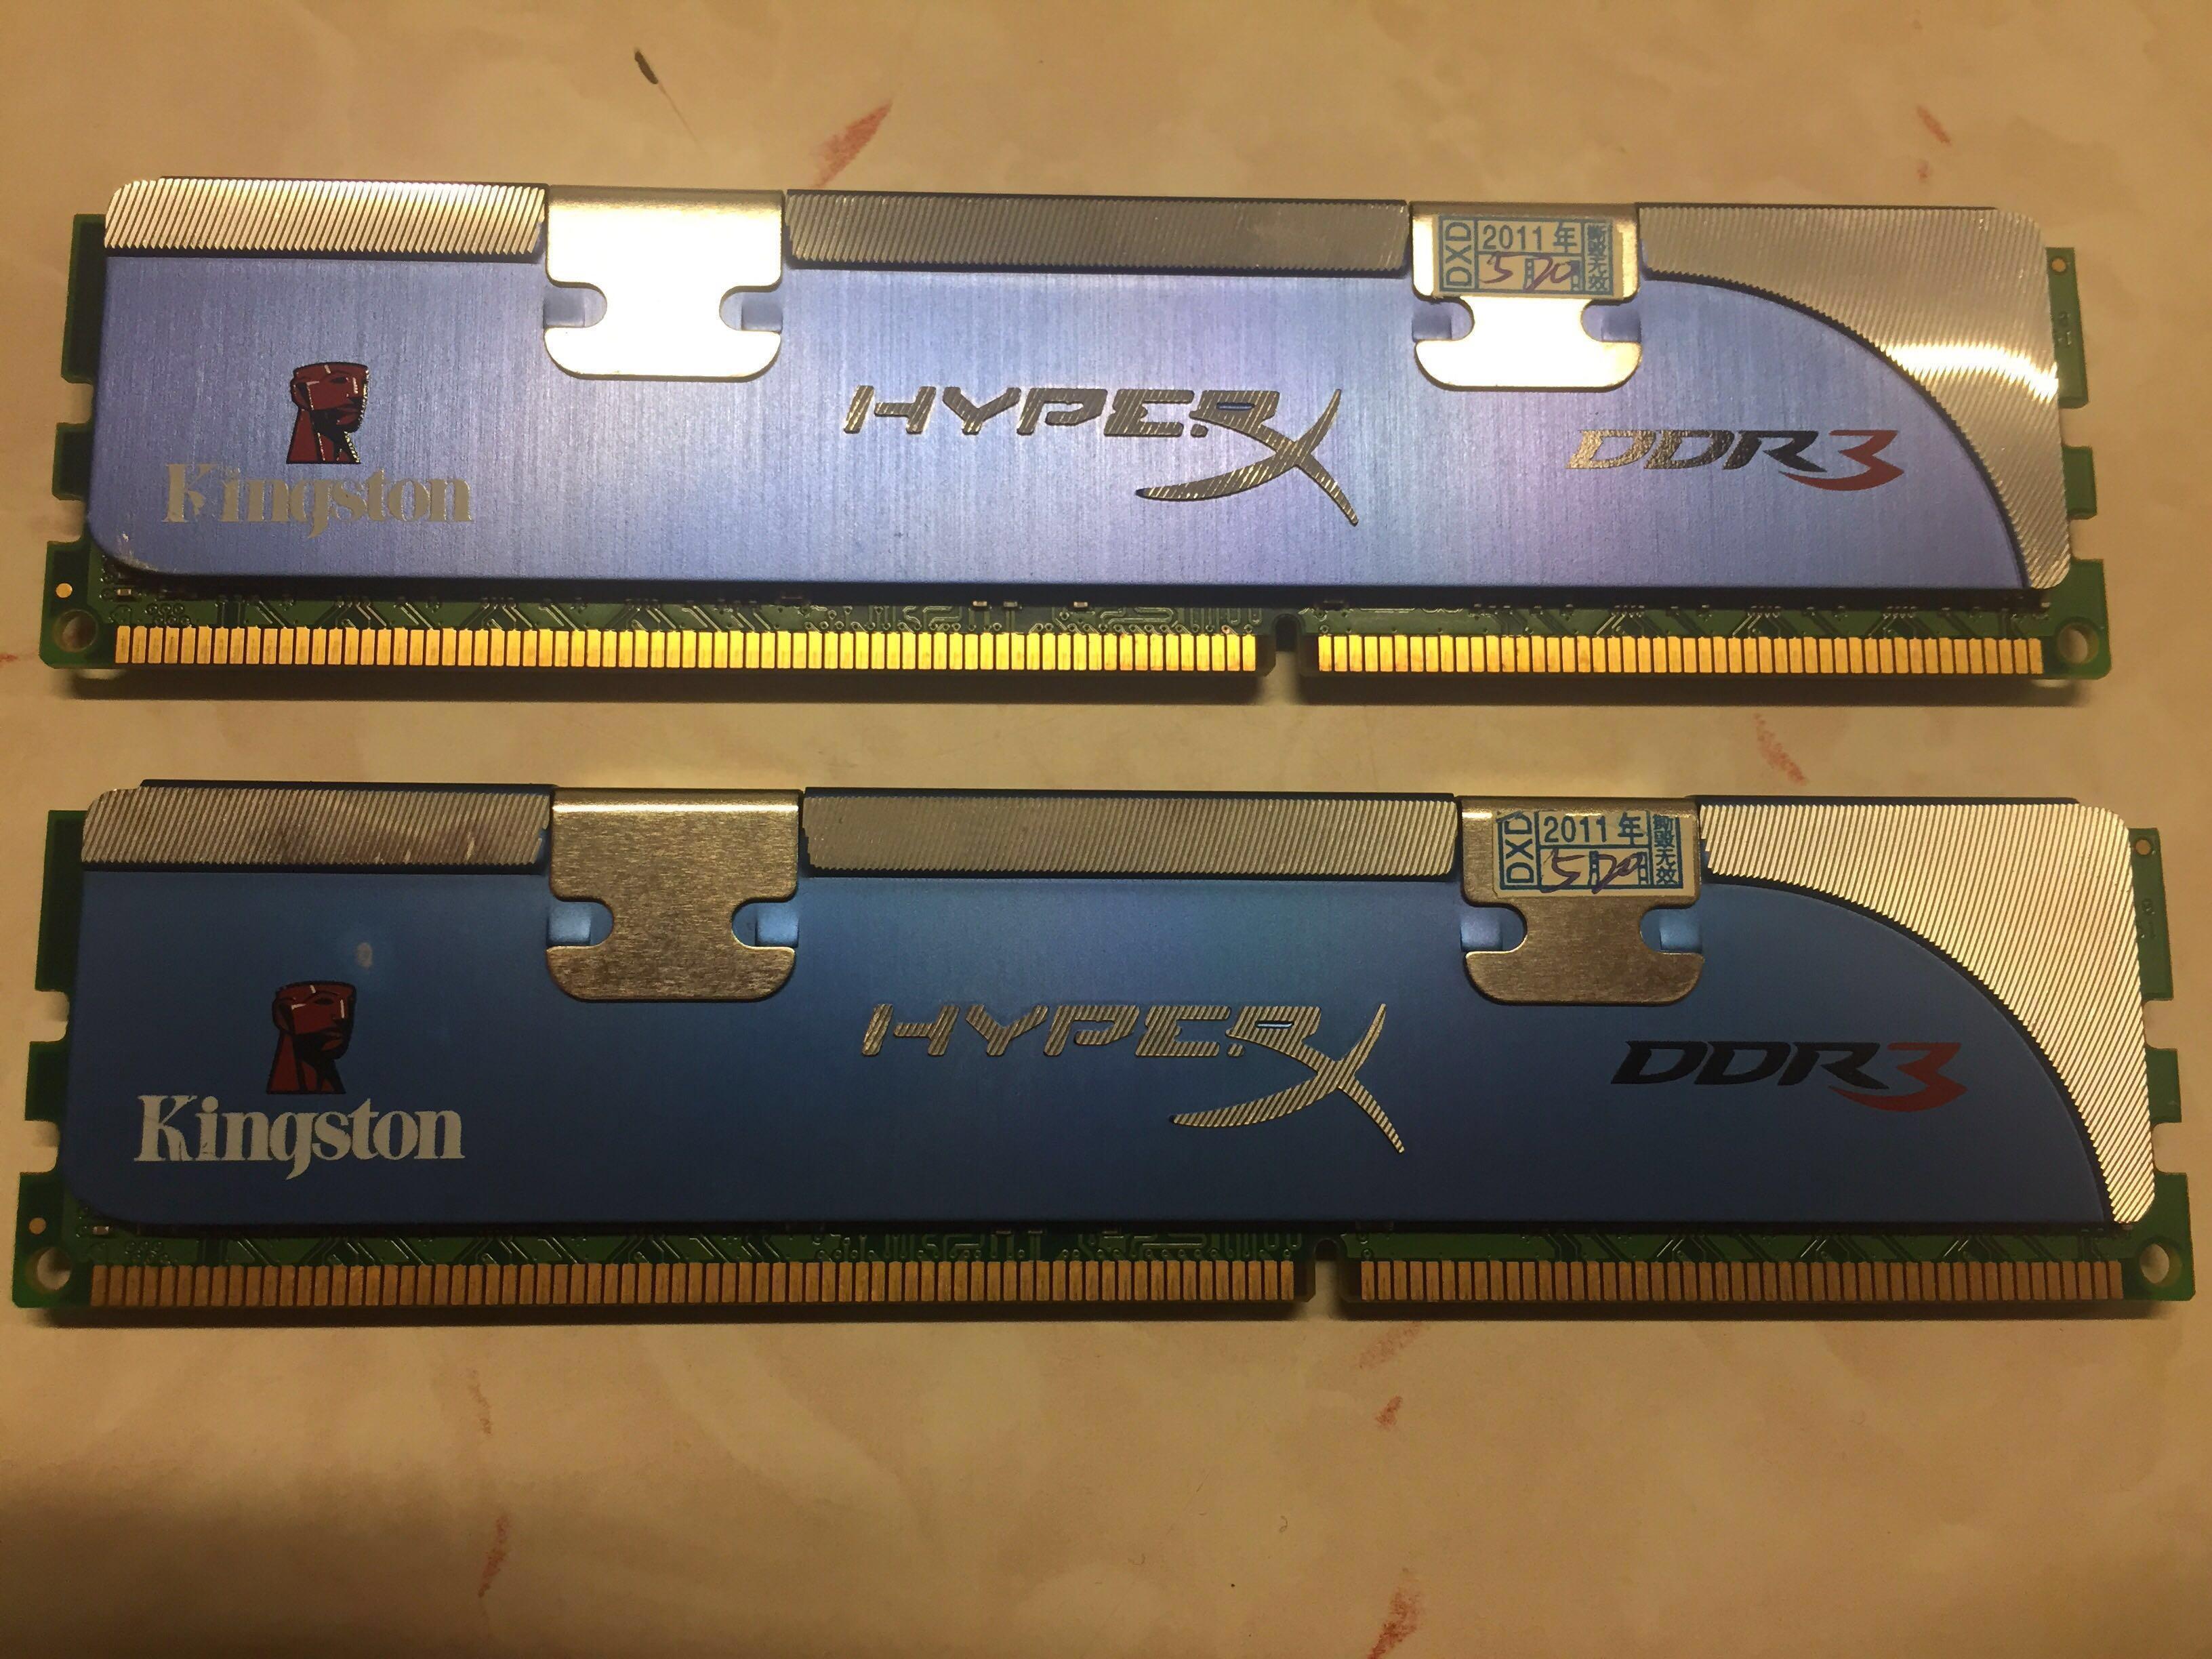 Kingston DDR3 1600 4GB(2Gx2) Ram